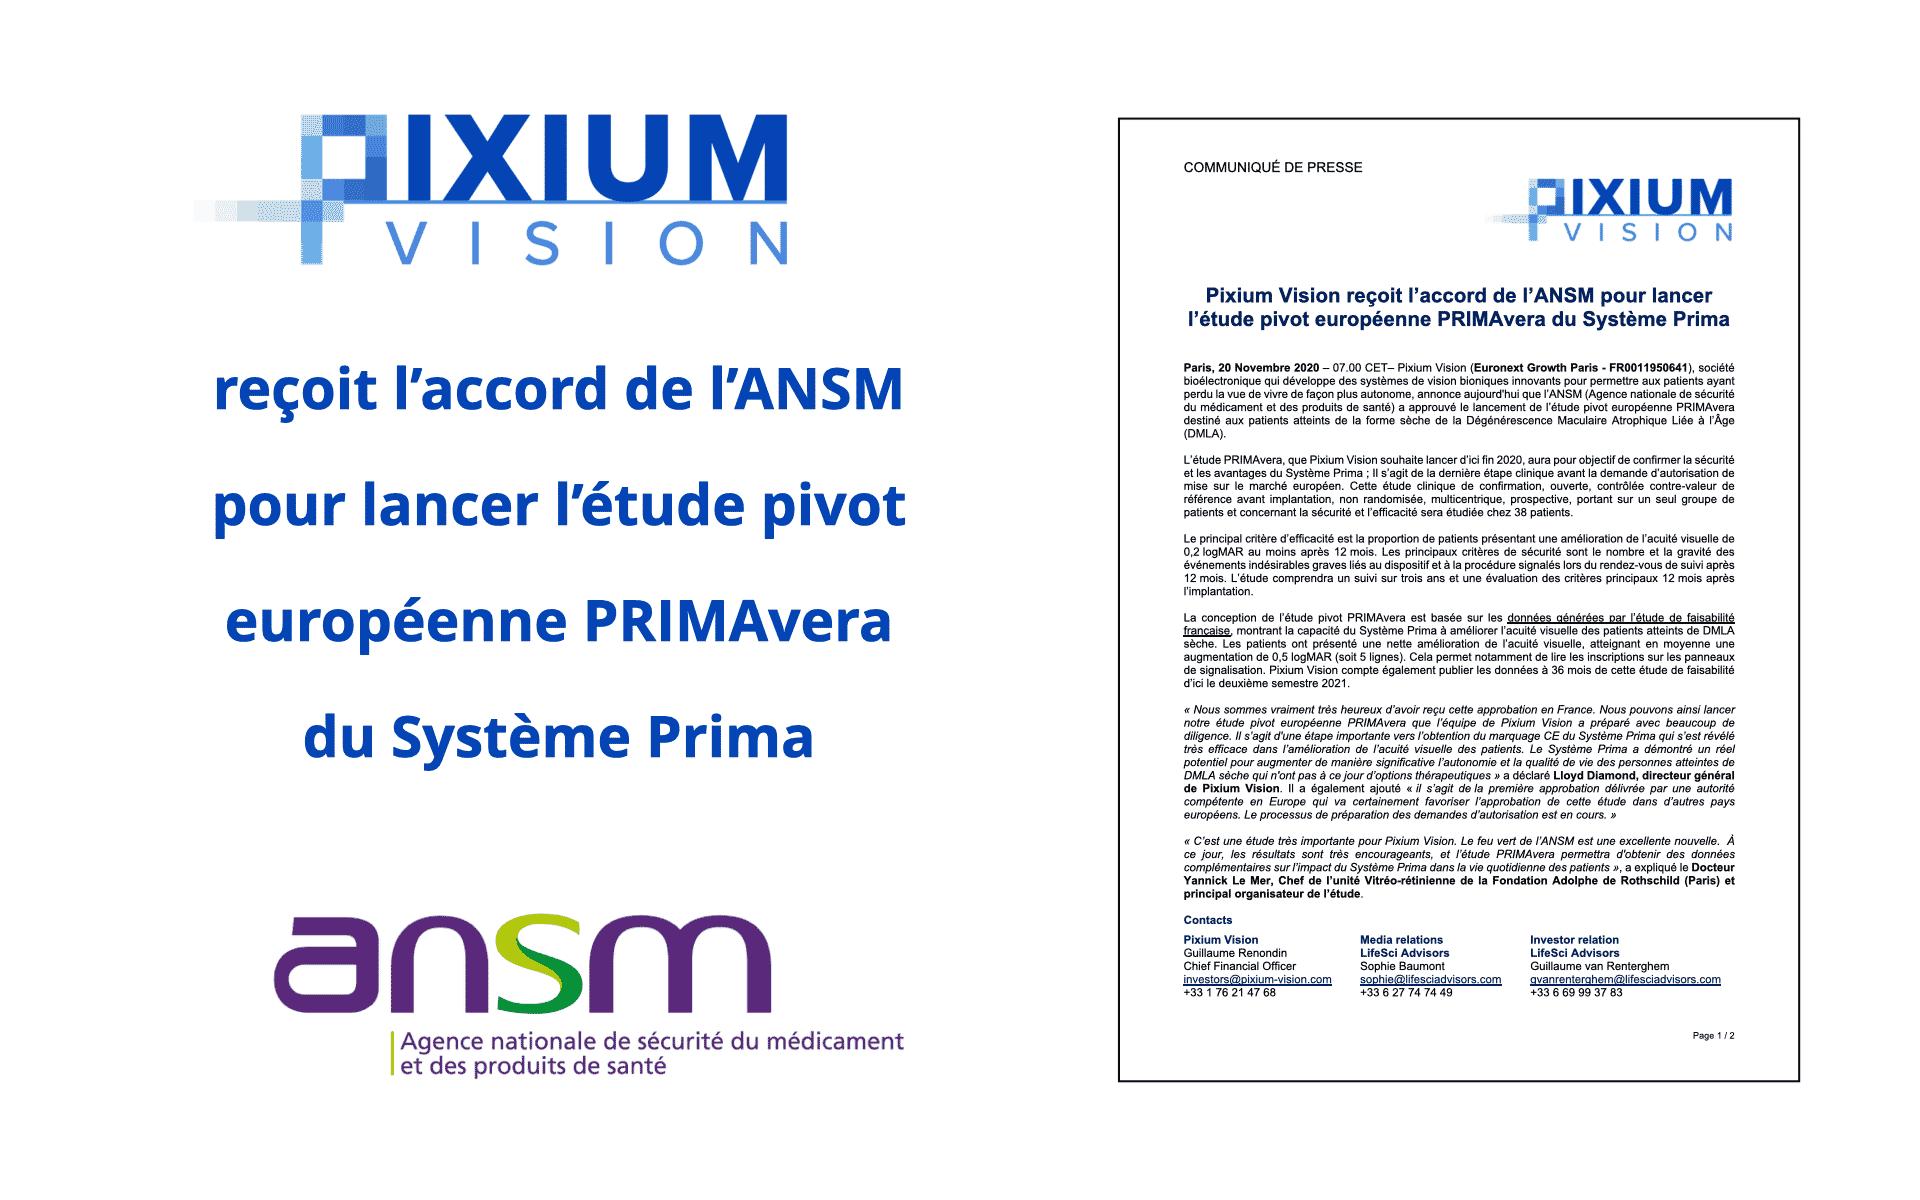 Pixium Vision recçoit l'accord de l'ANSM pour PRIMAvera